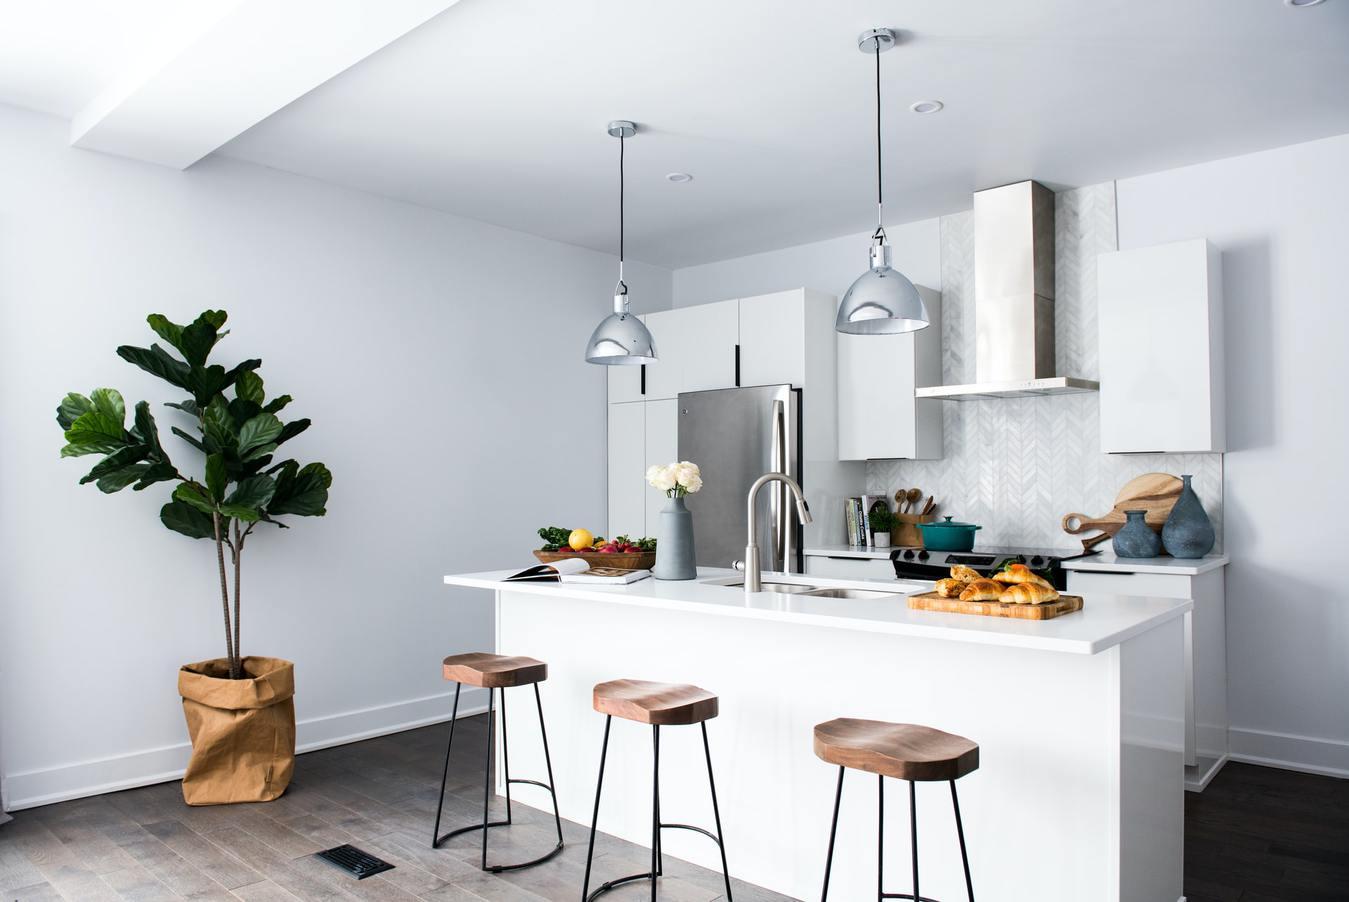 Moderne keuken interieur